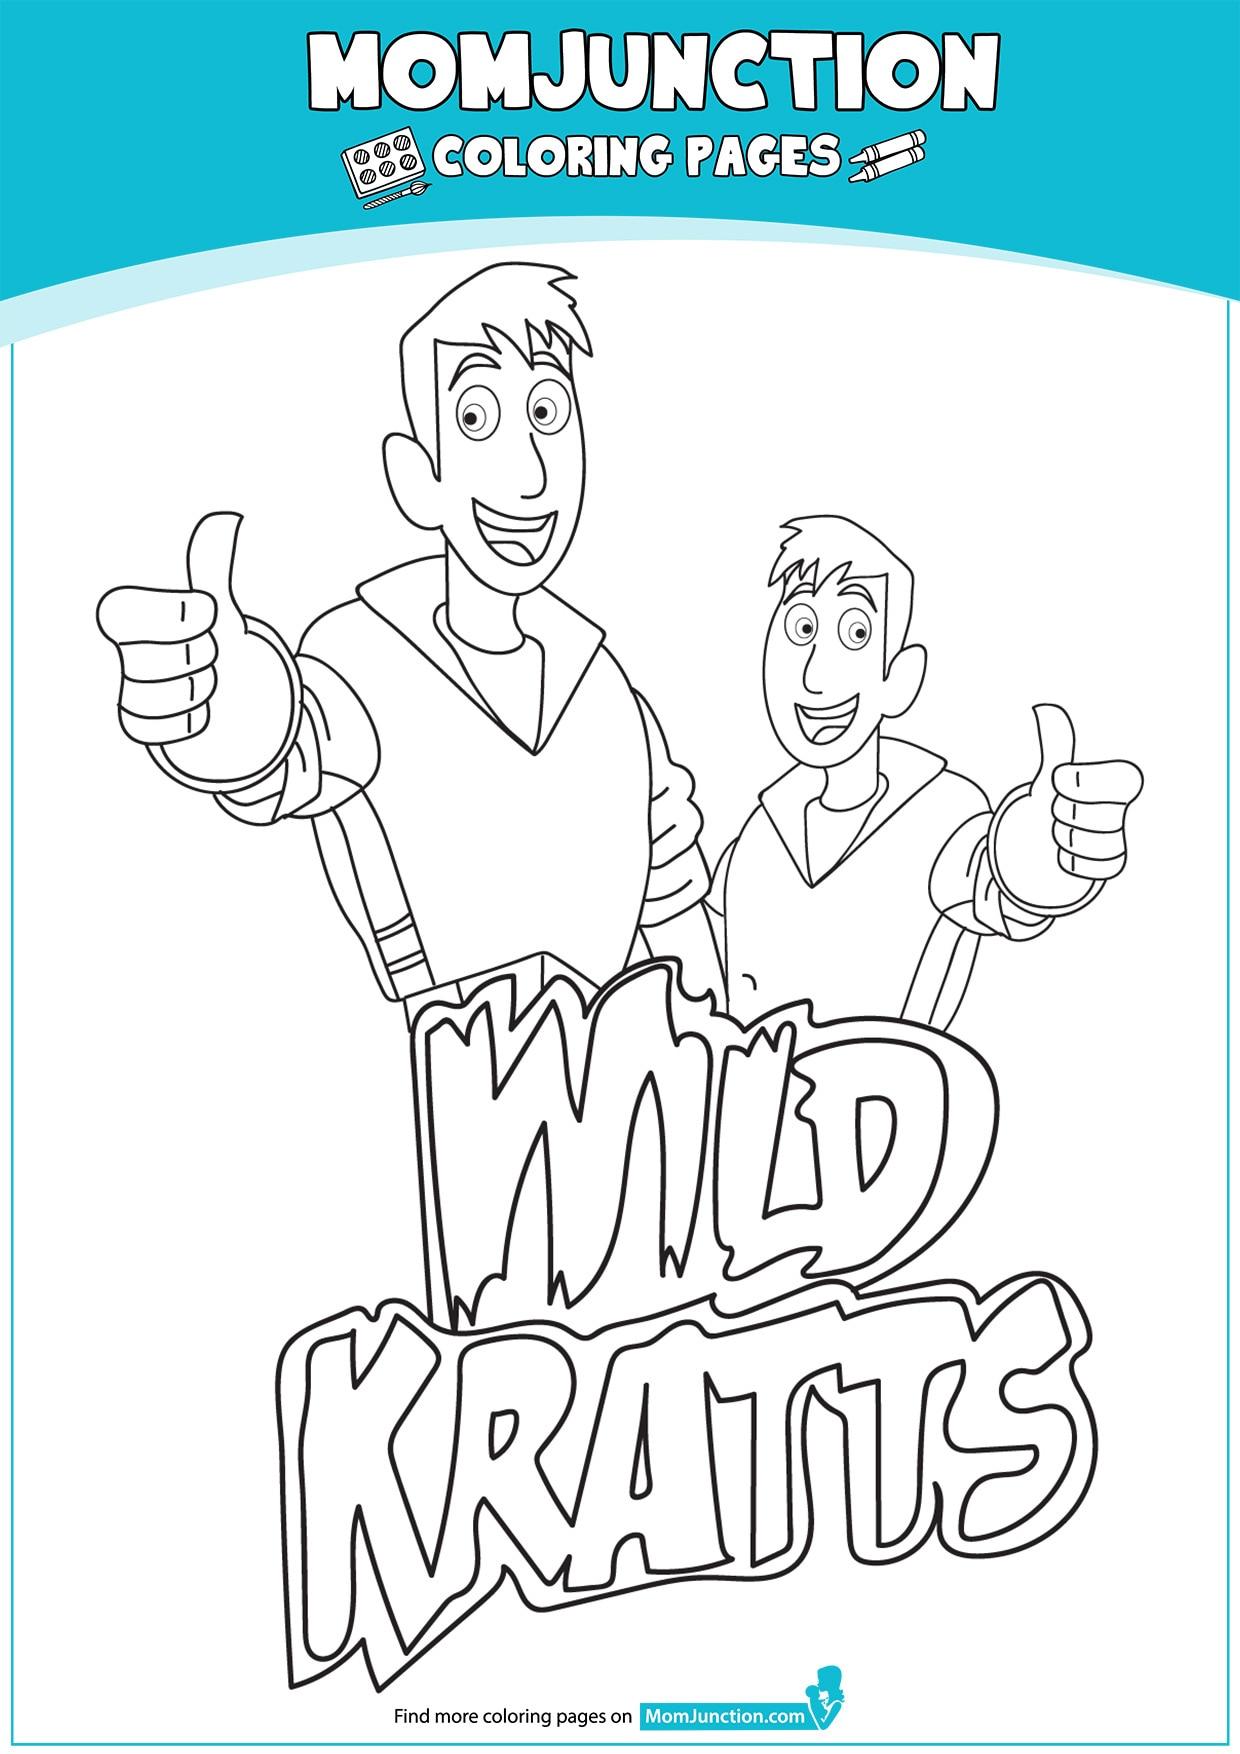 Wild-Kartts-16